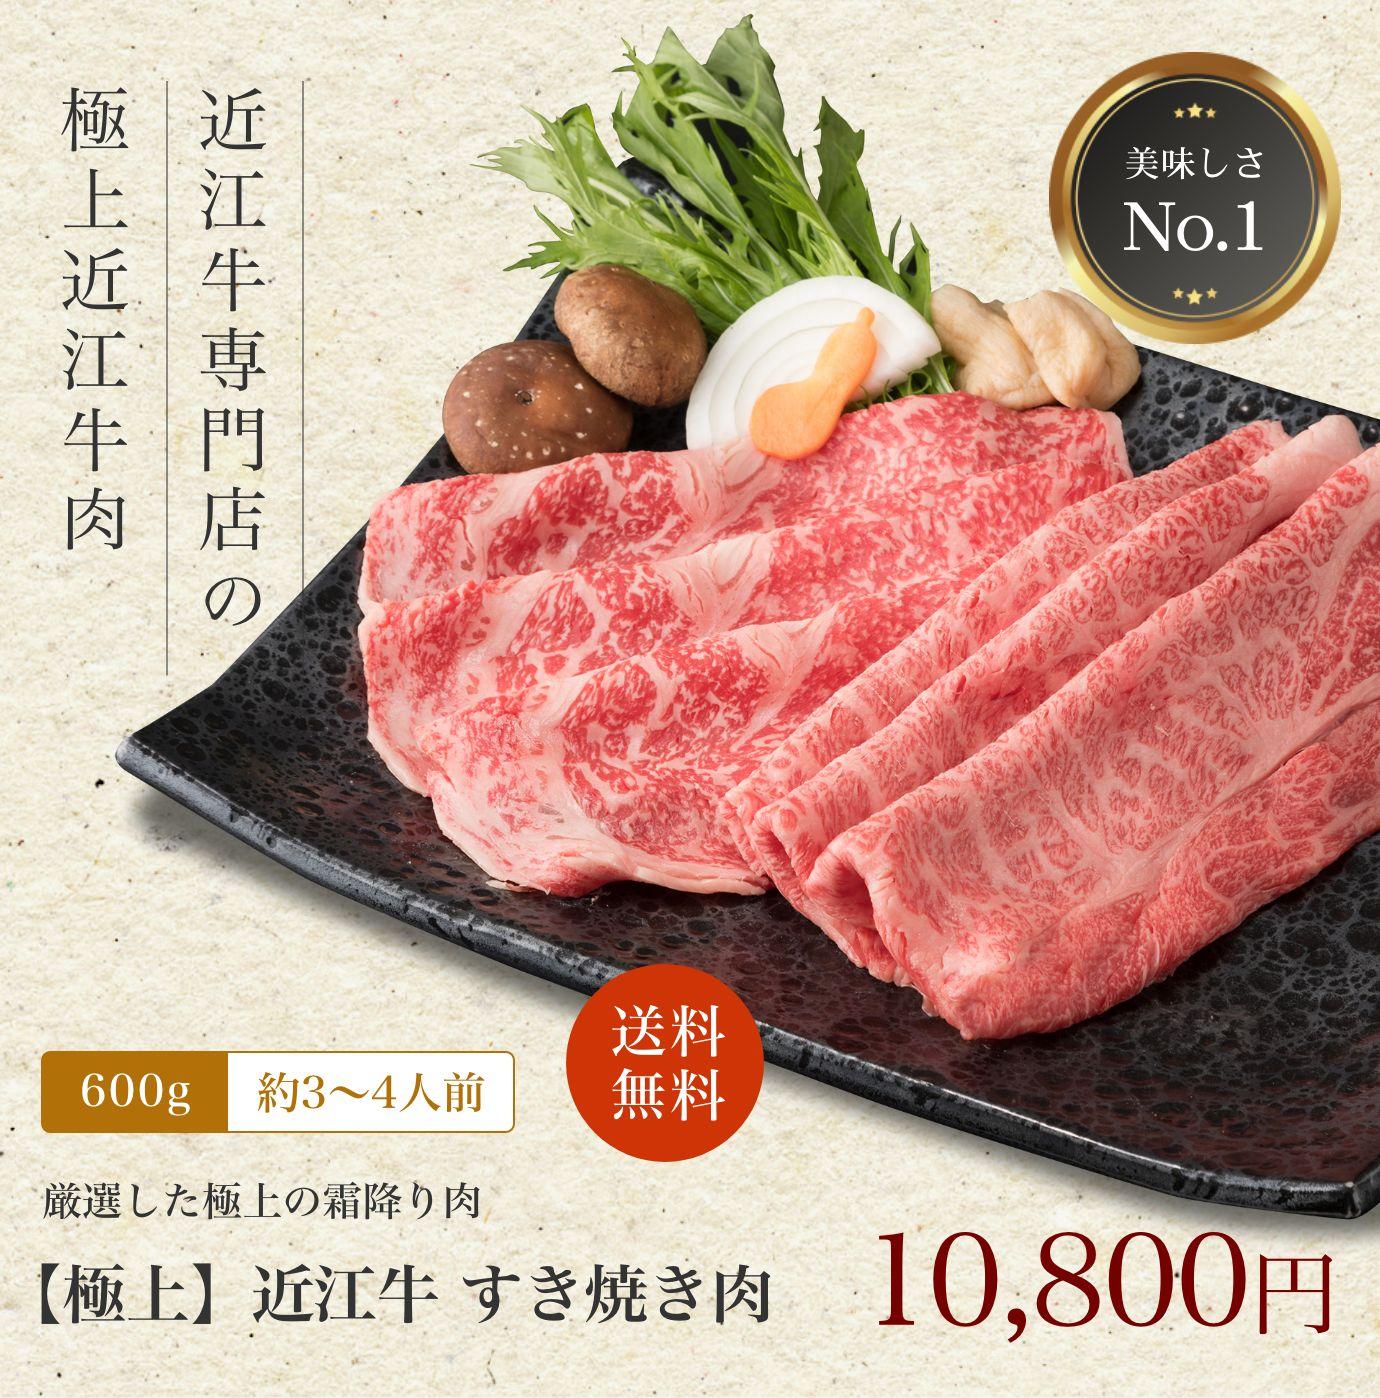 極上 すき焼き肉 600g